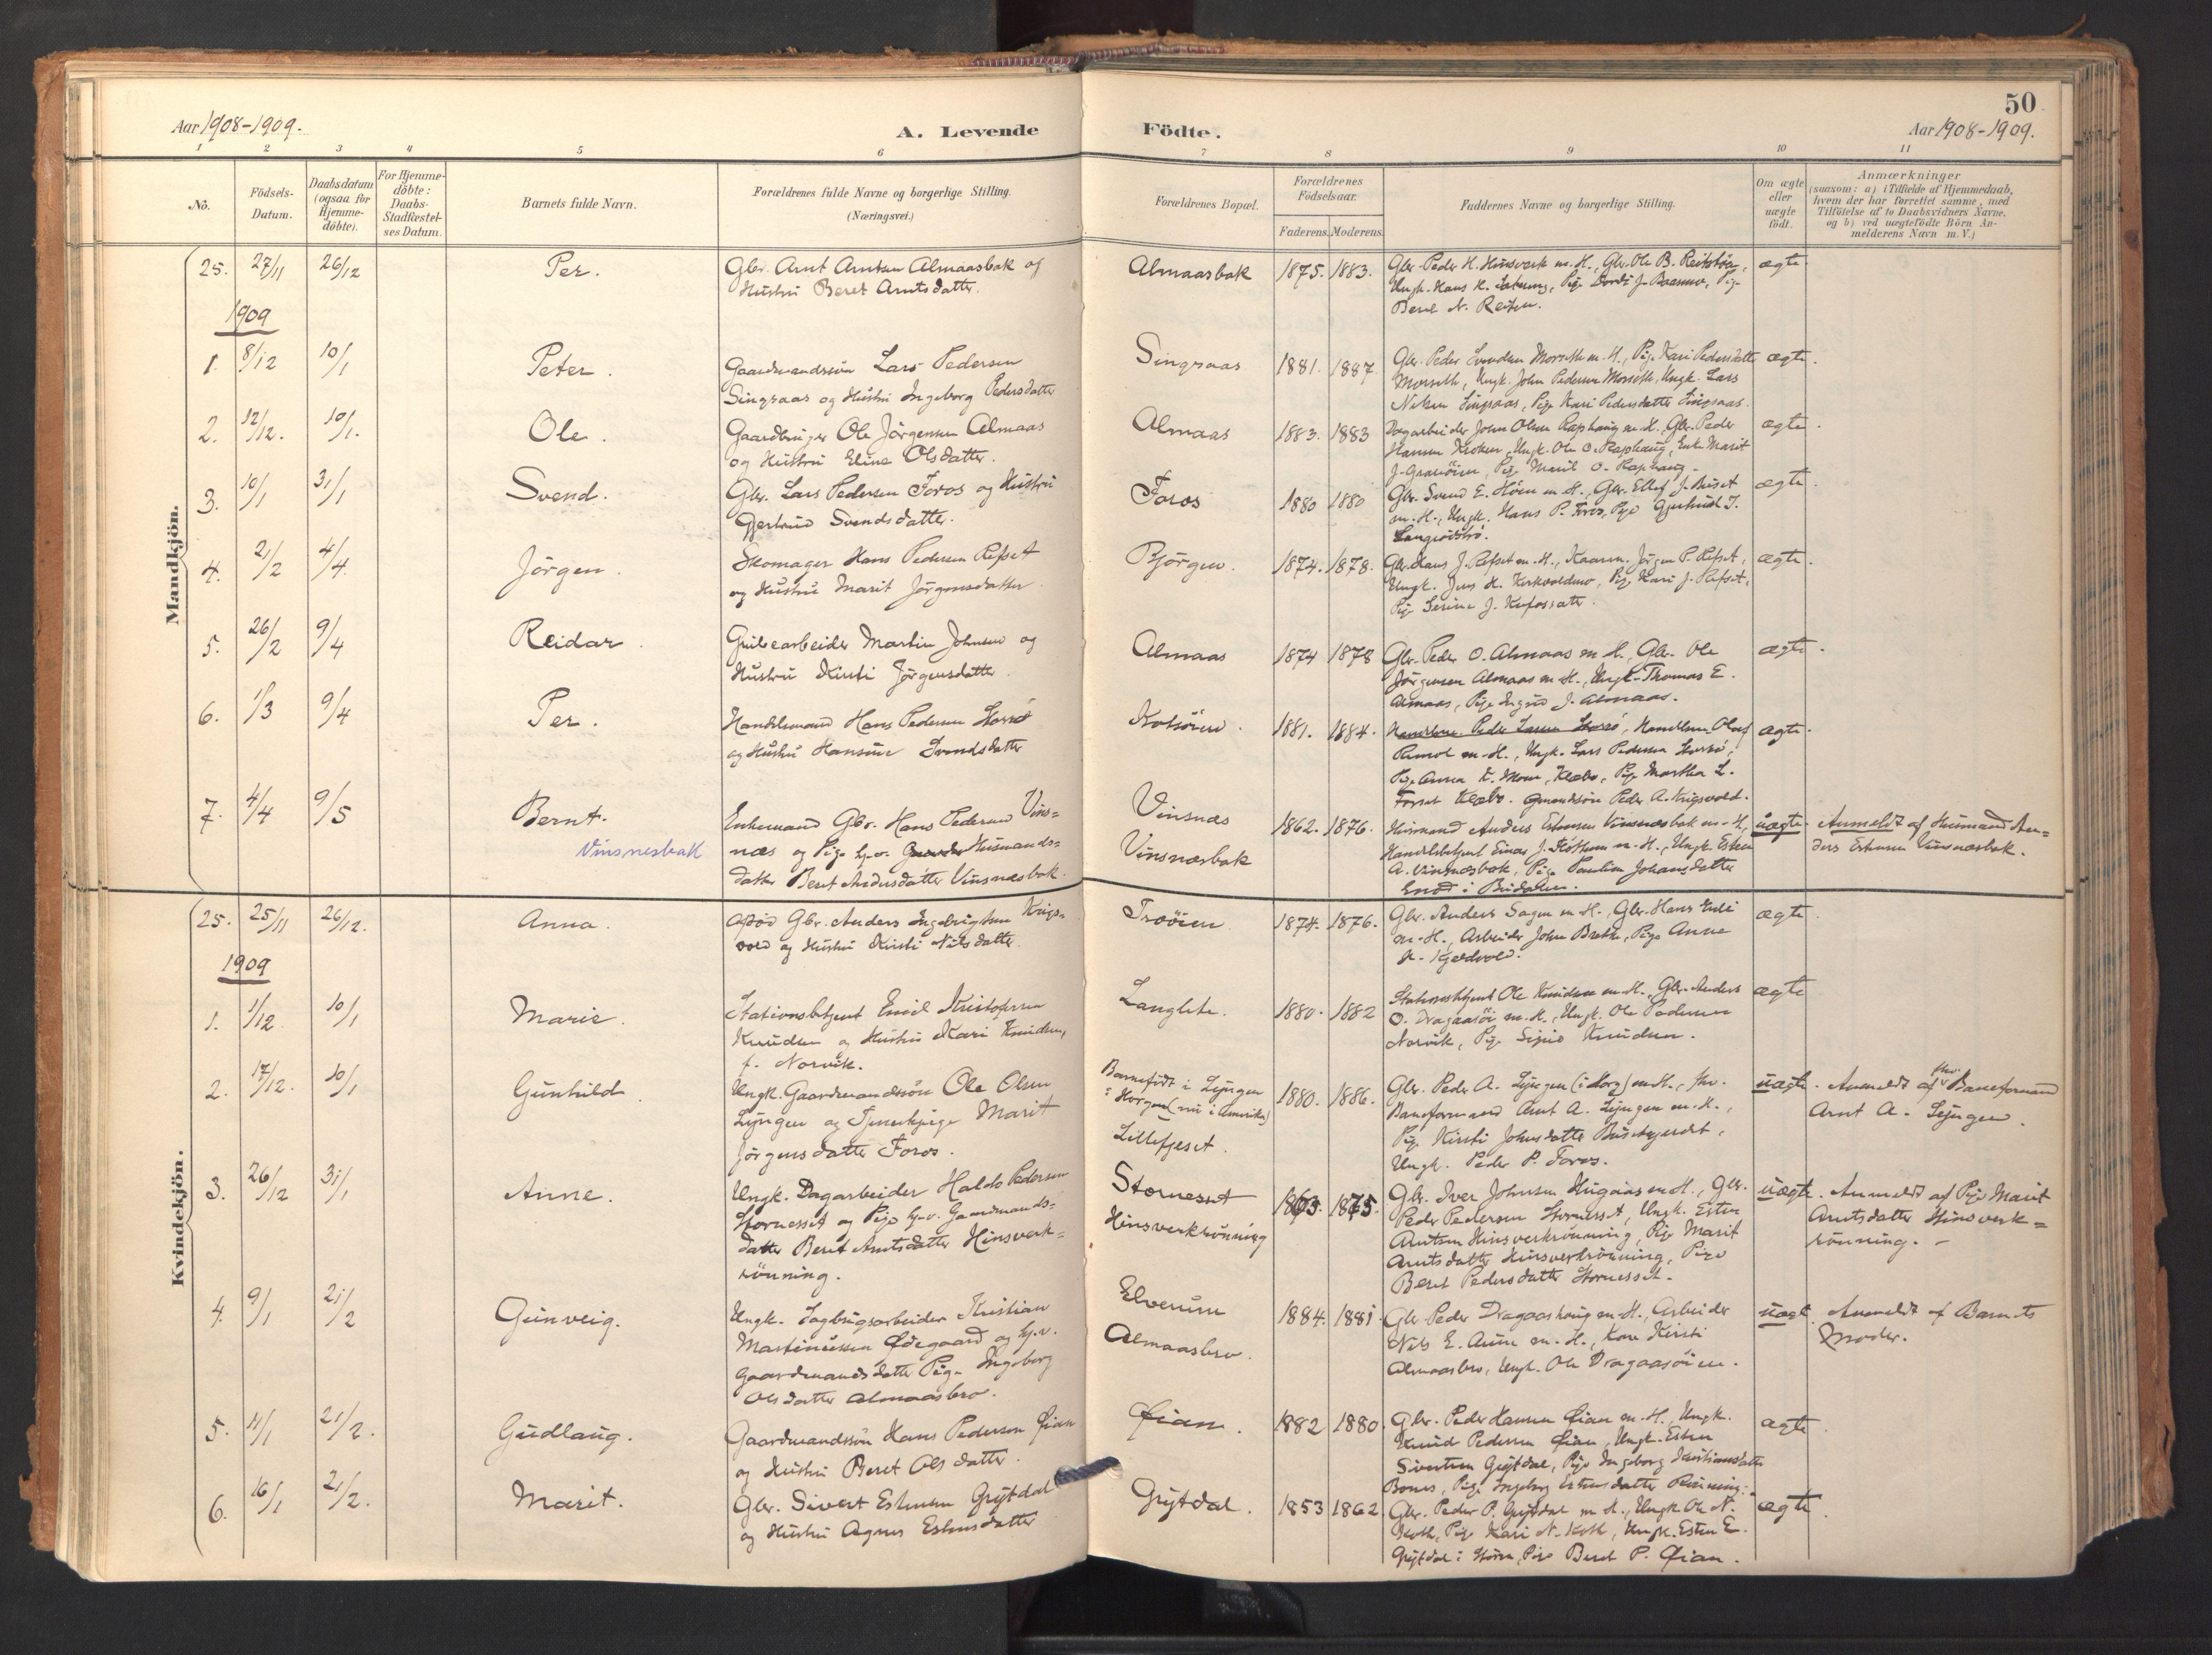 SAT, Ministerialprotokoller, klokkerbøker og fødselsregistre - Sør-Trøndelag, 688/L1025: Ministerialbok nr. 688A02, 1891-1909, s. 50